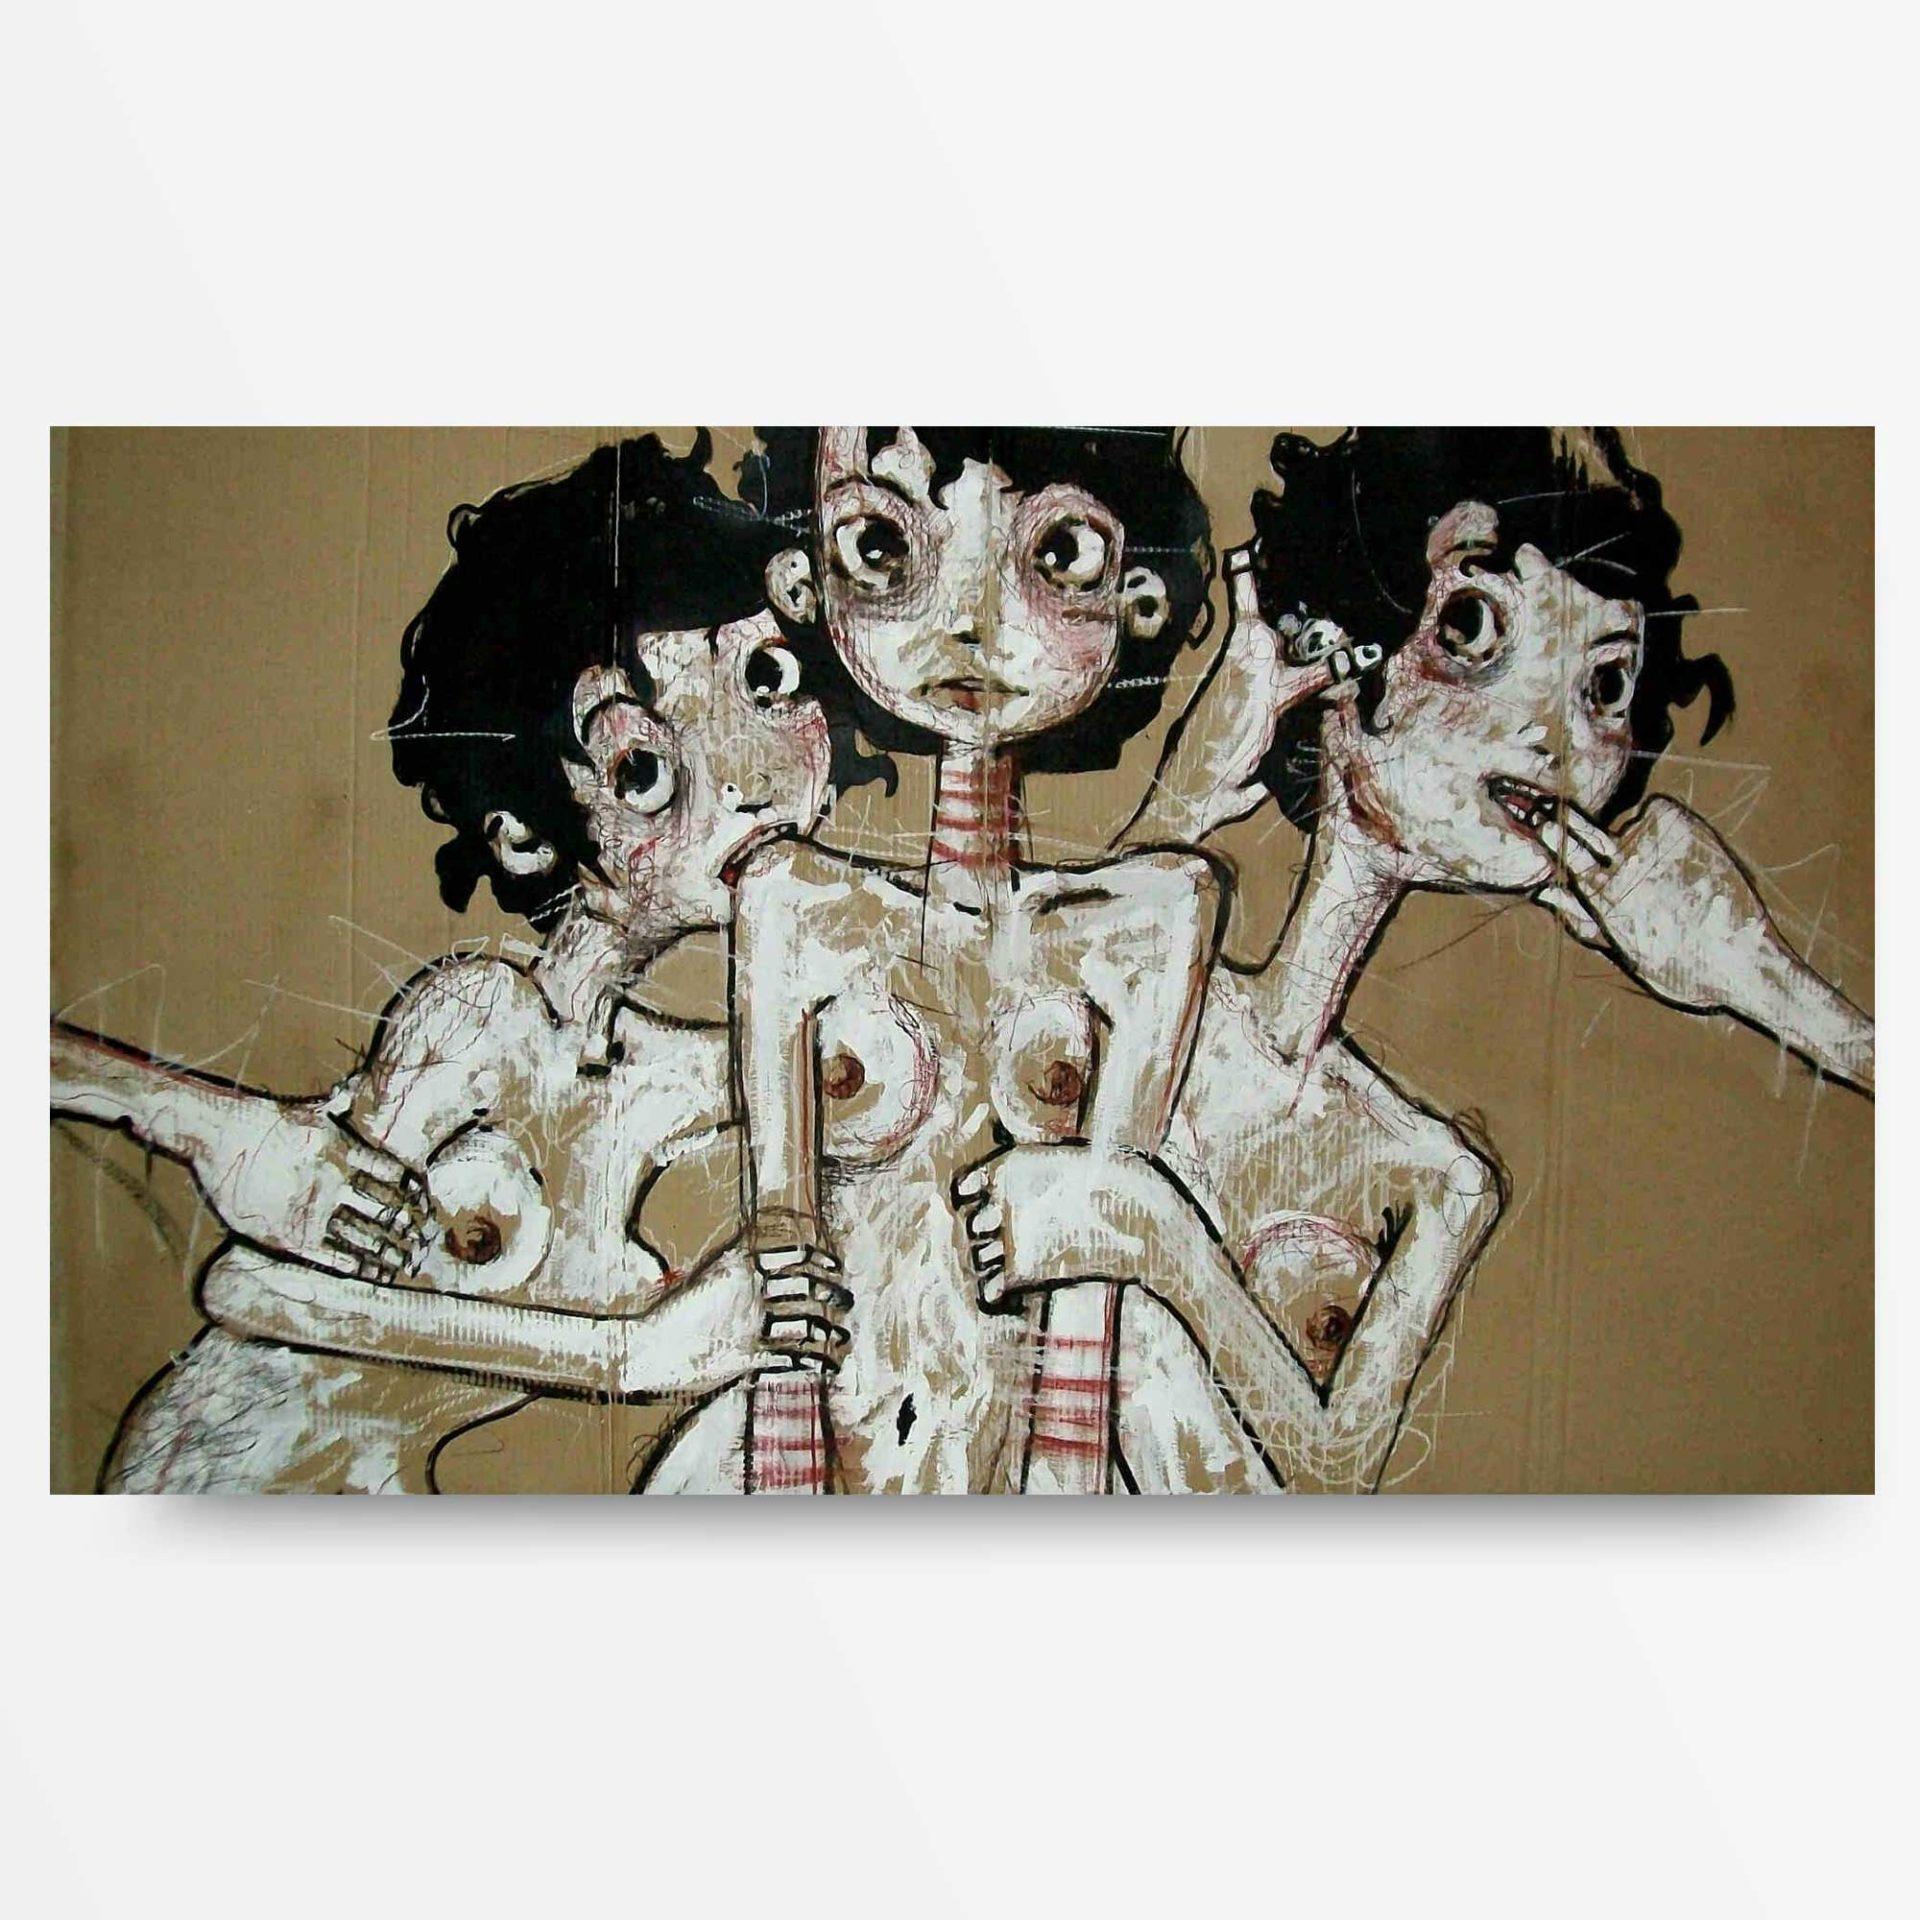 2010 Incredulità Tre, quadro ad acrilico di Diego Gabriele